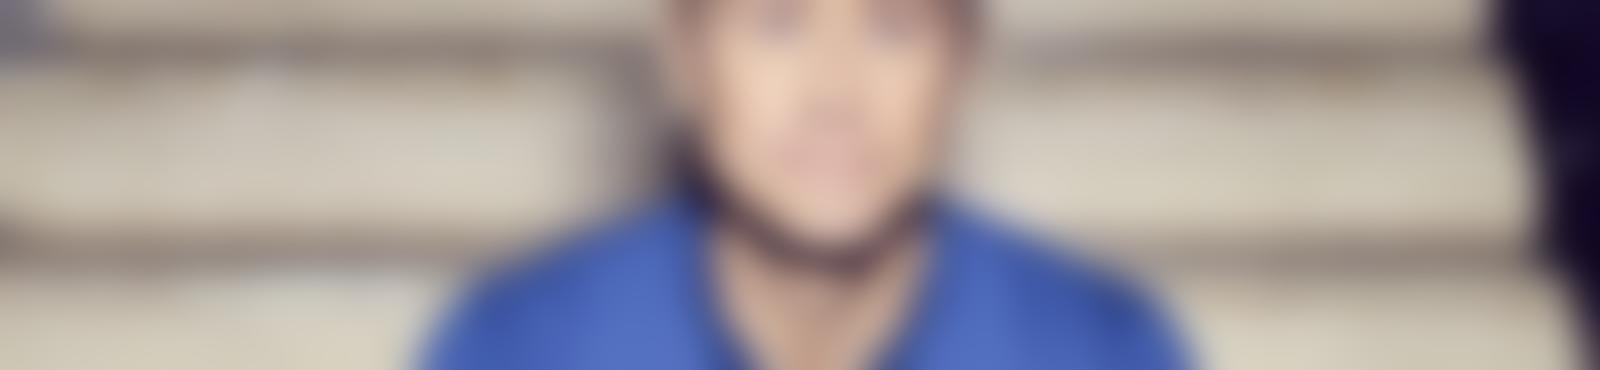 Blurred 2f1c0b20 e126 4c7c 920d ebd61f50e24c